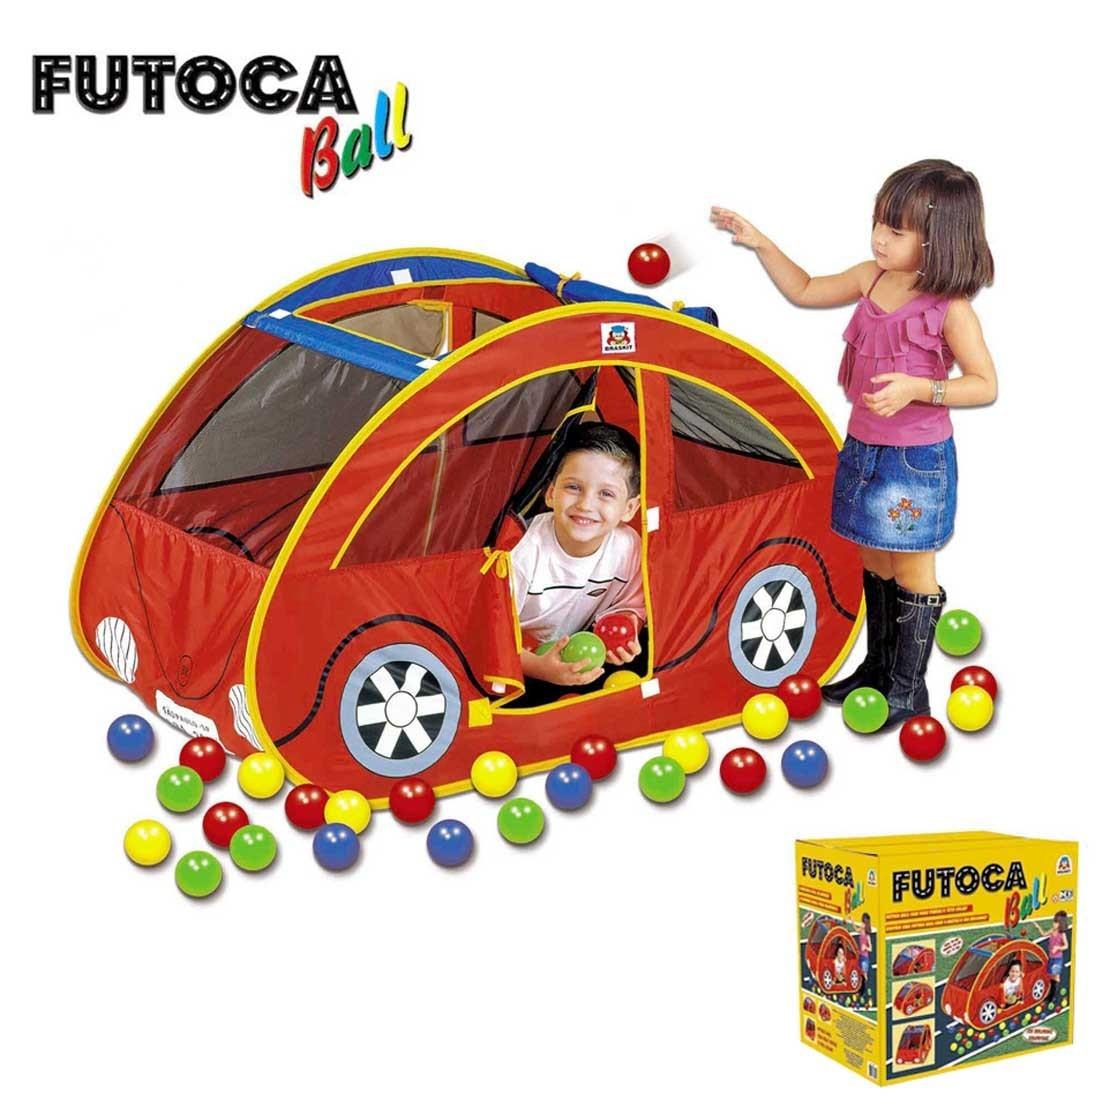 Futoca Ball com 150 bolinhas Coloridas - Braskit